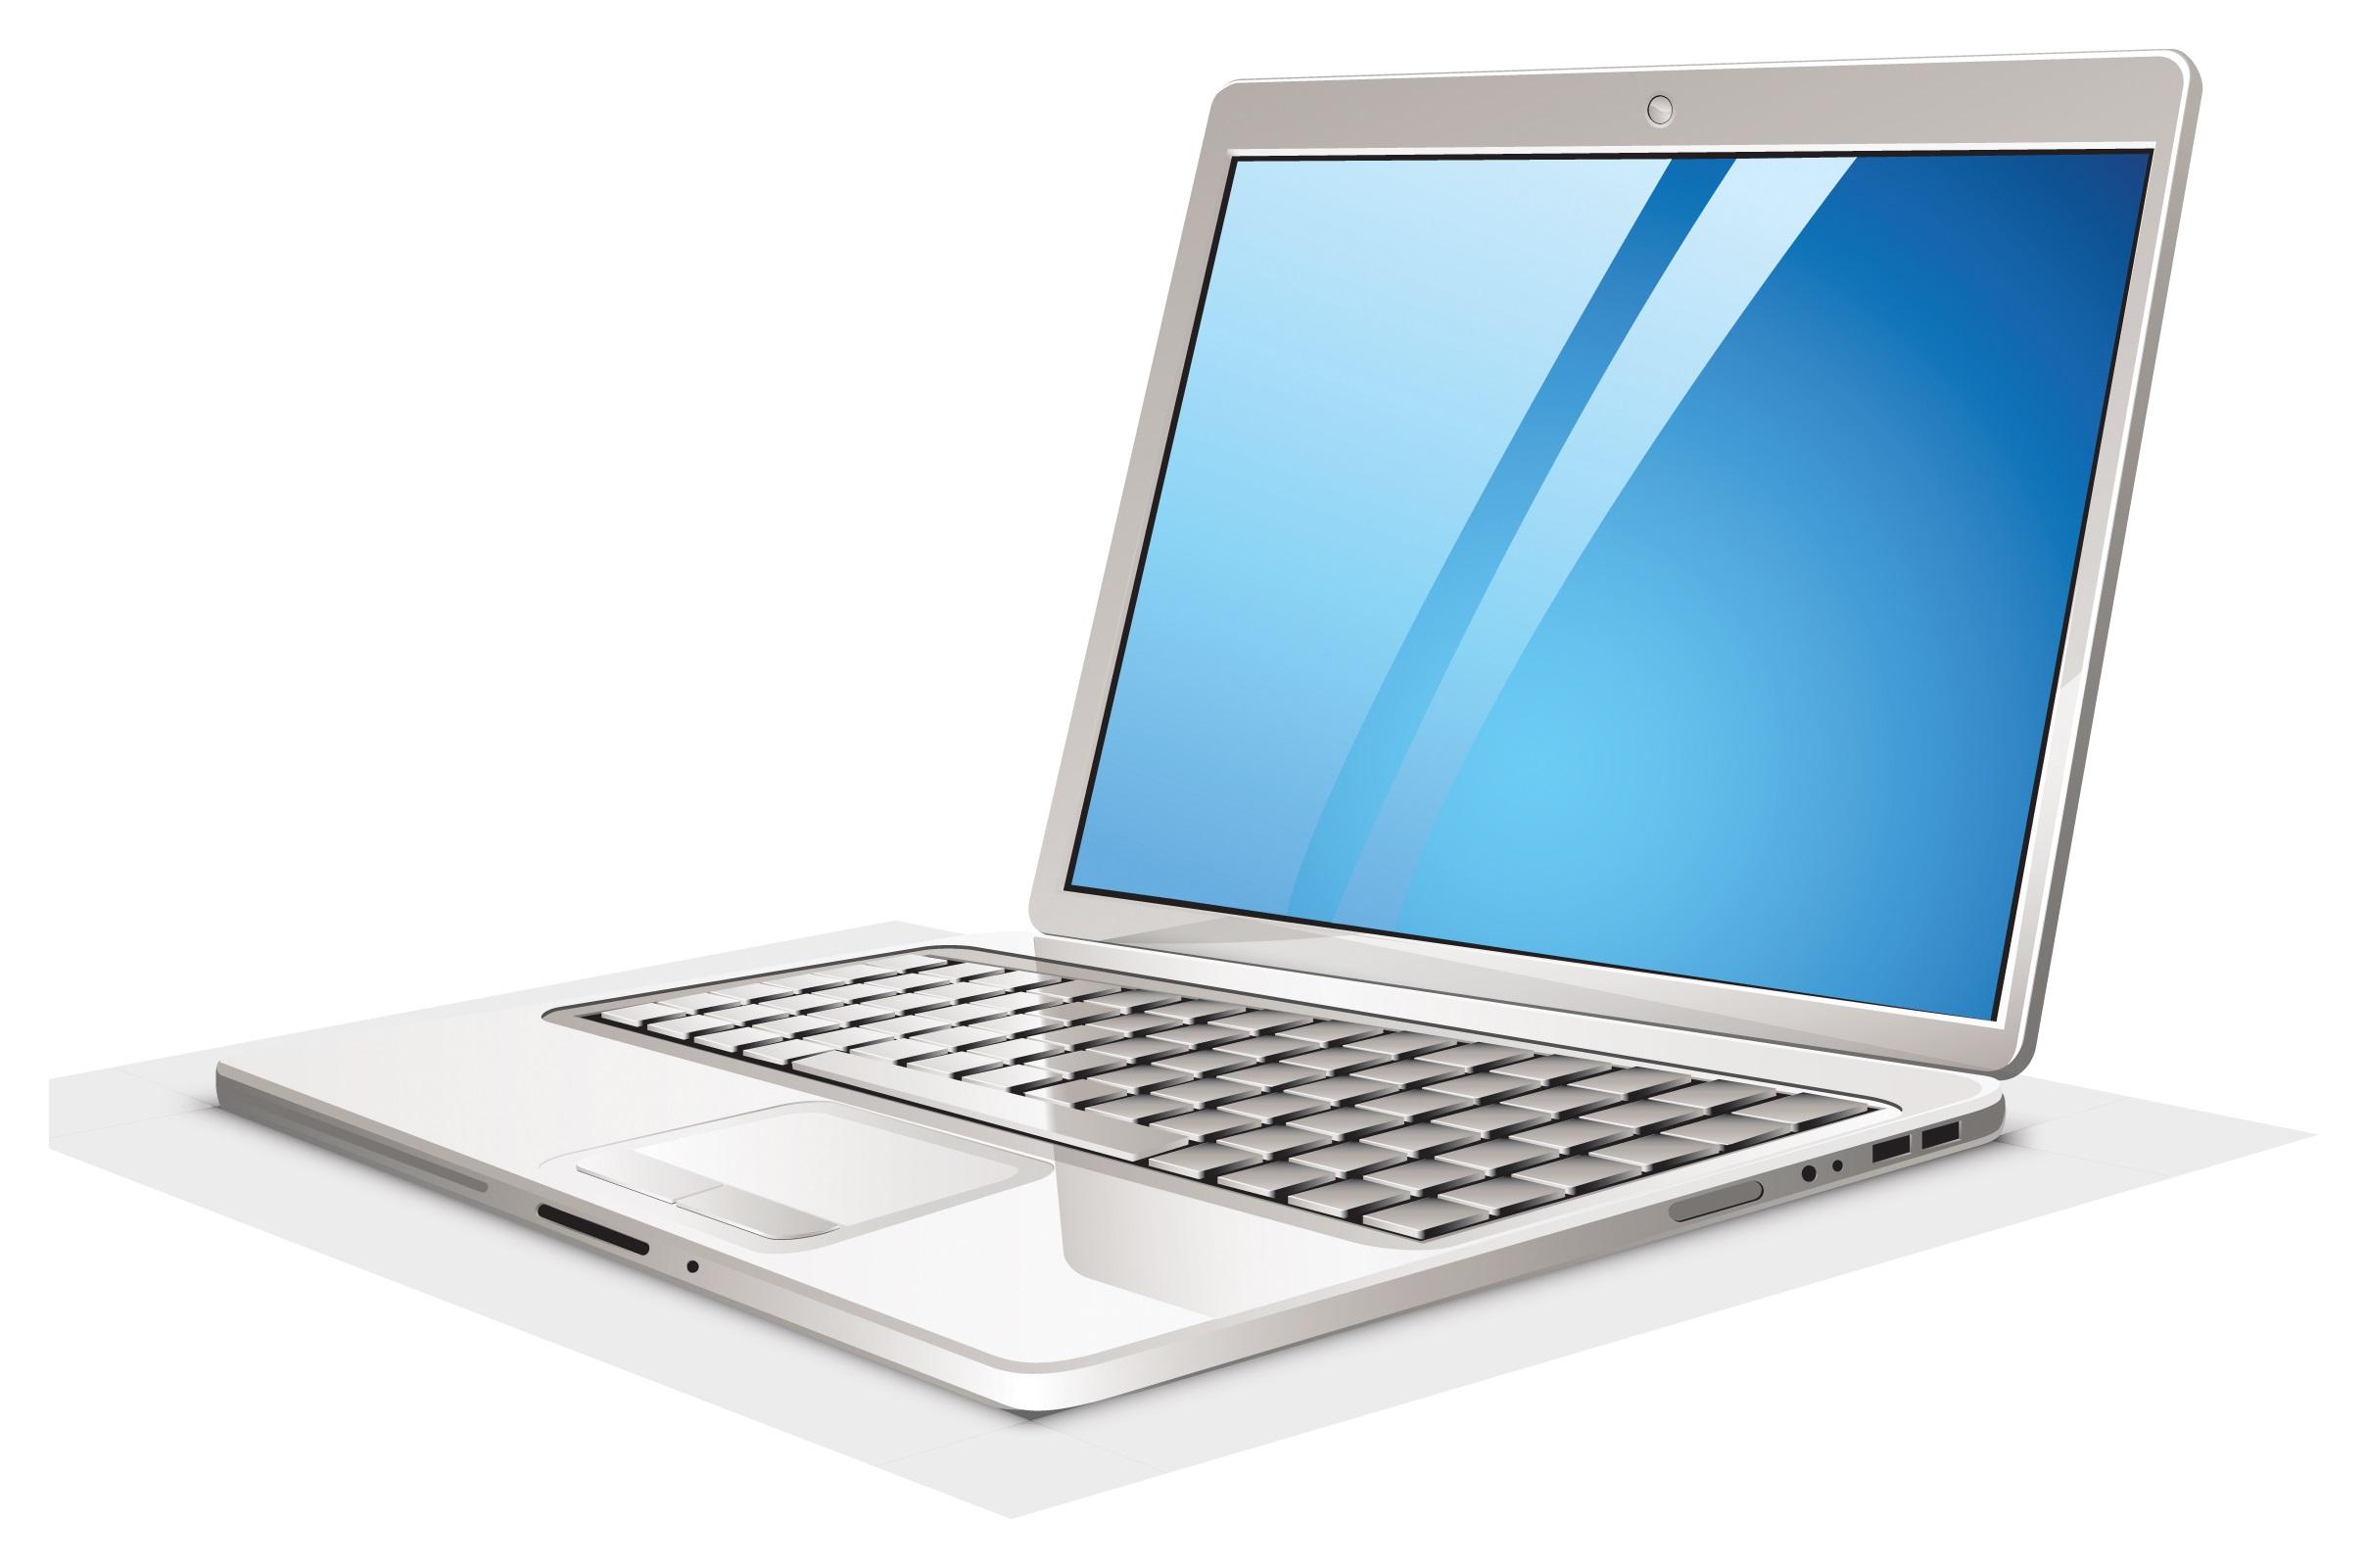 подбор ноутбука по характеристикам беларусь